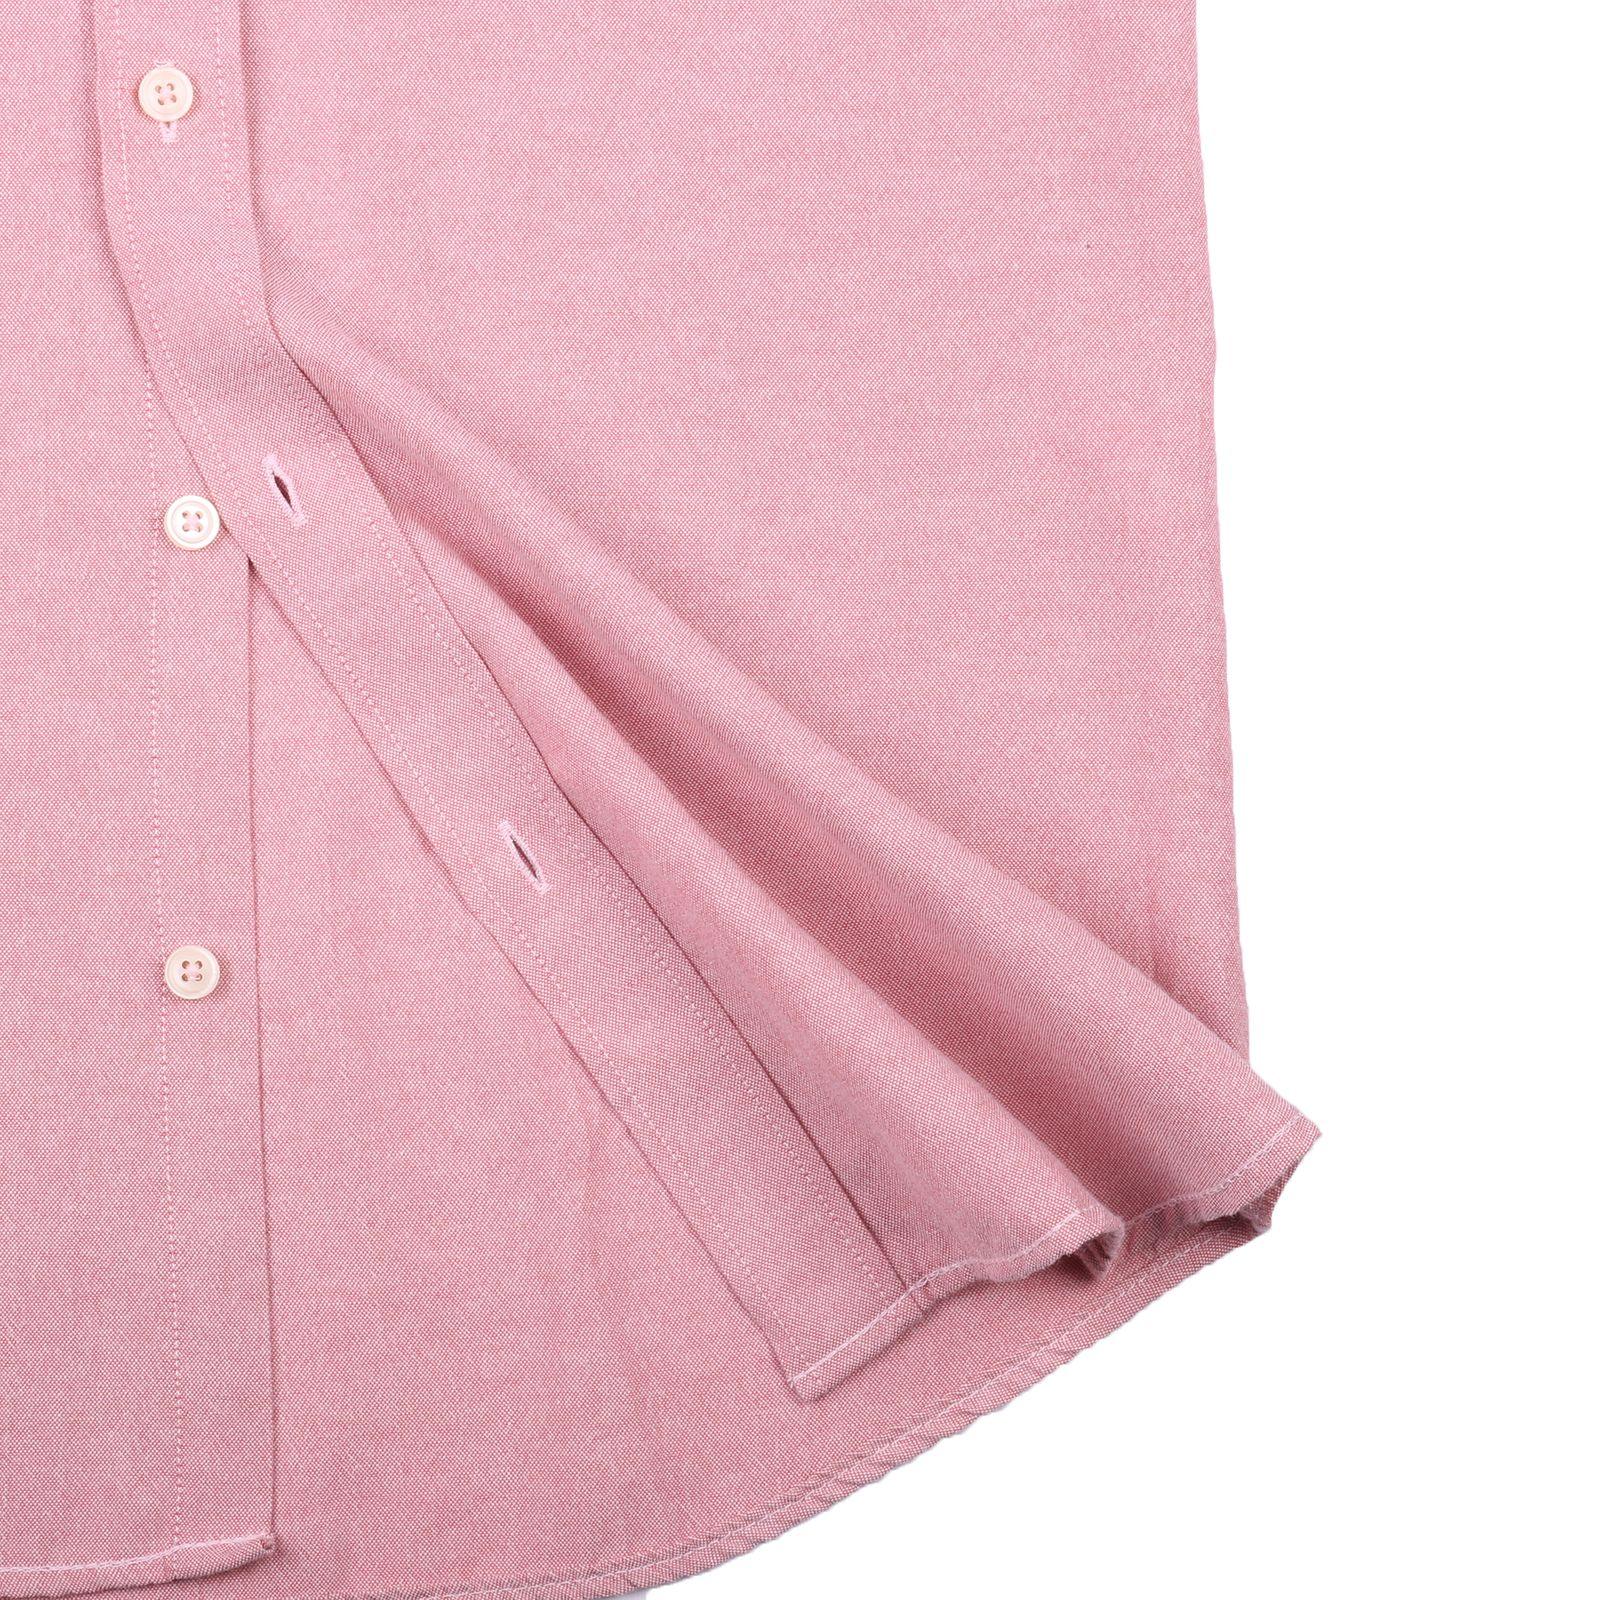 پیراهن مردانه کوک تریکو مدل 61728 -  - 7